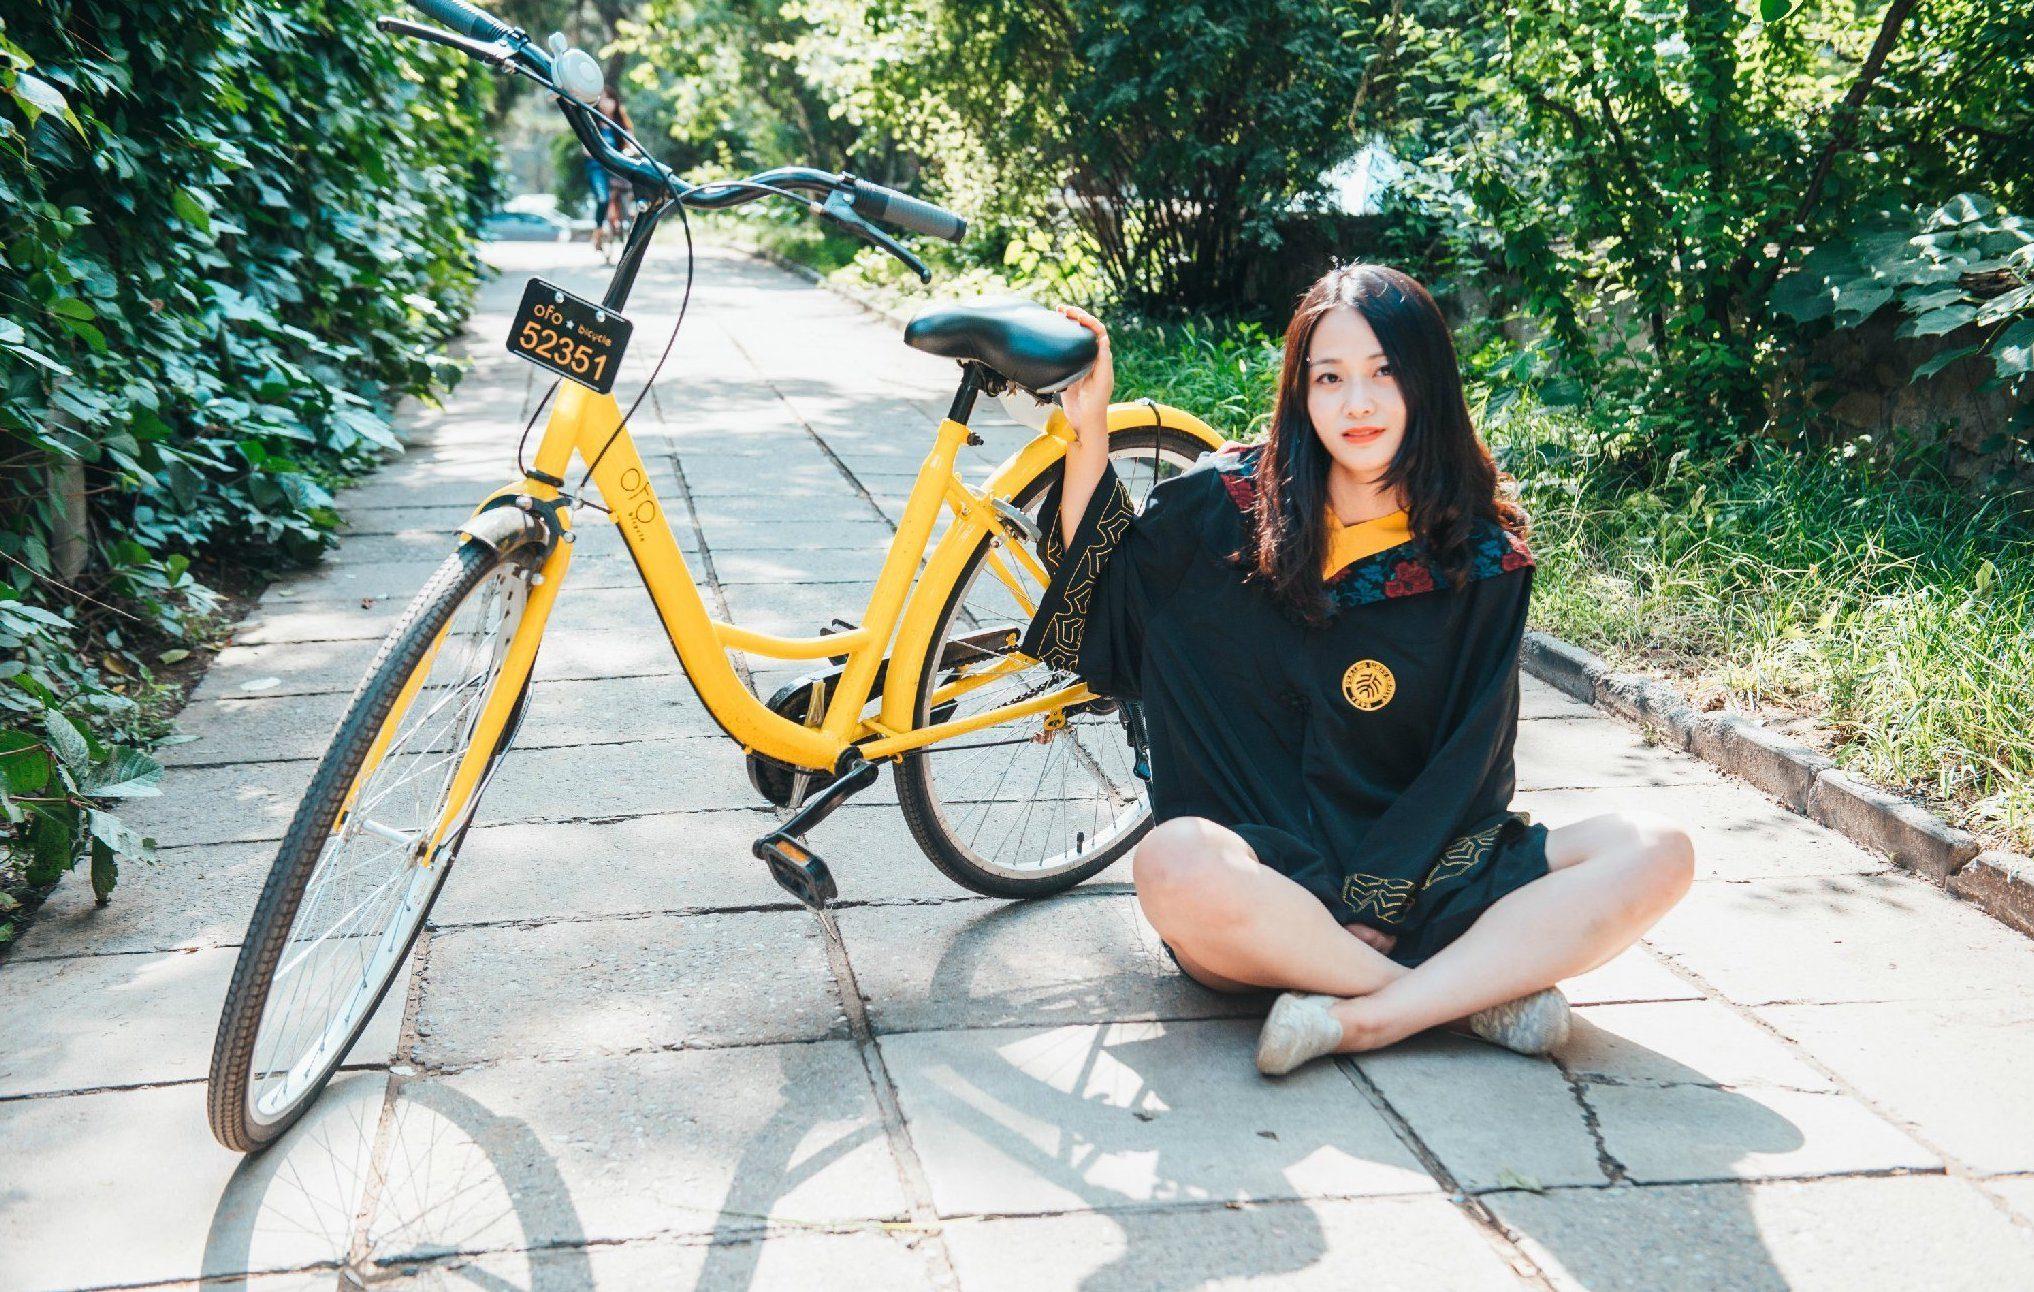 Для студентов прокат велосипеда Ofo обойдется в 0.5 RMB в час